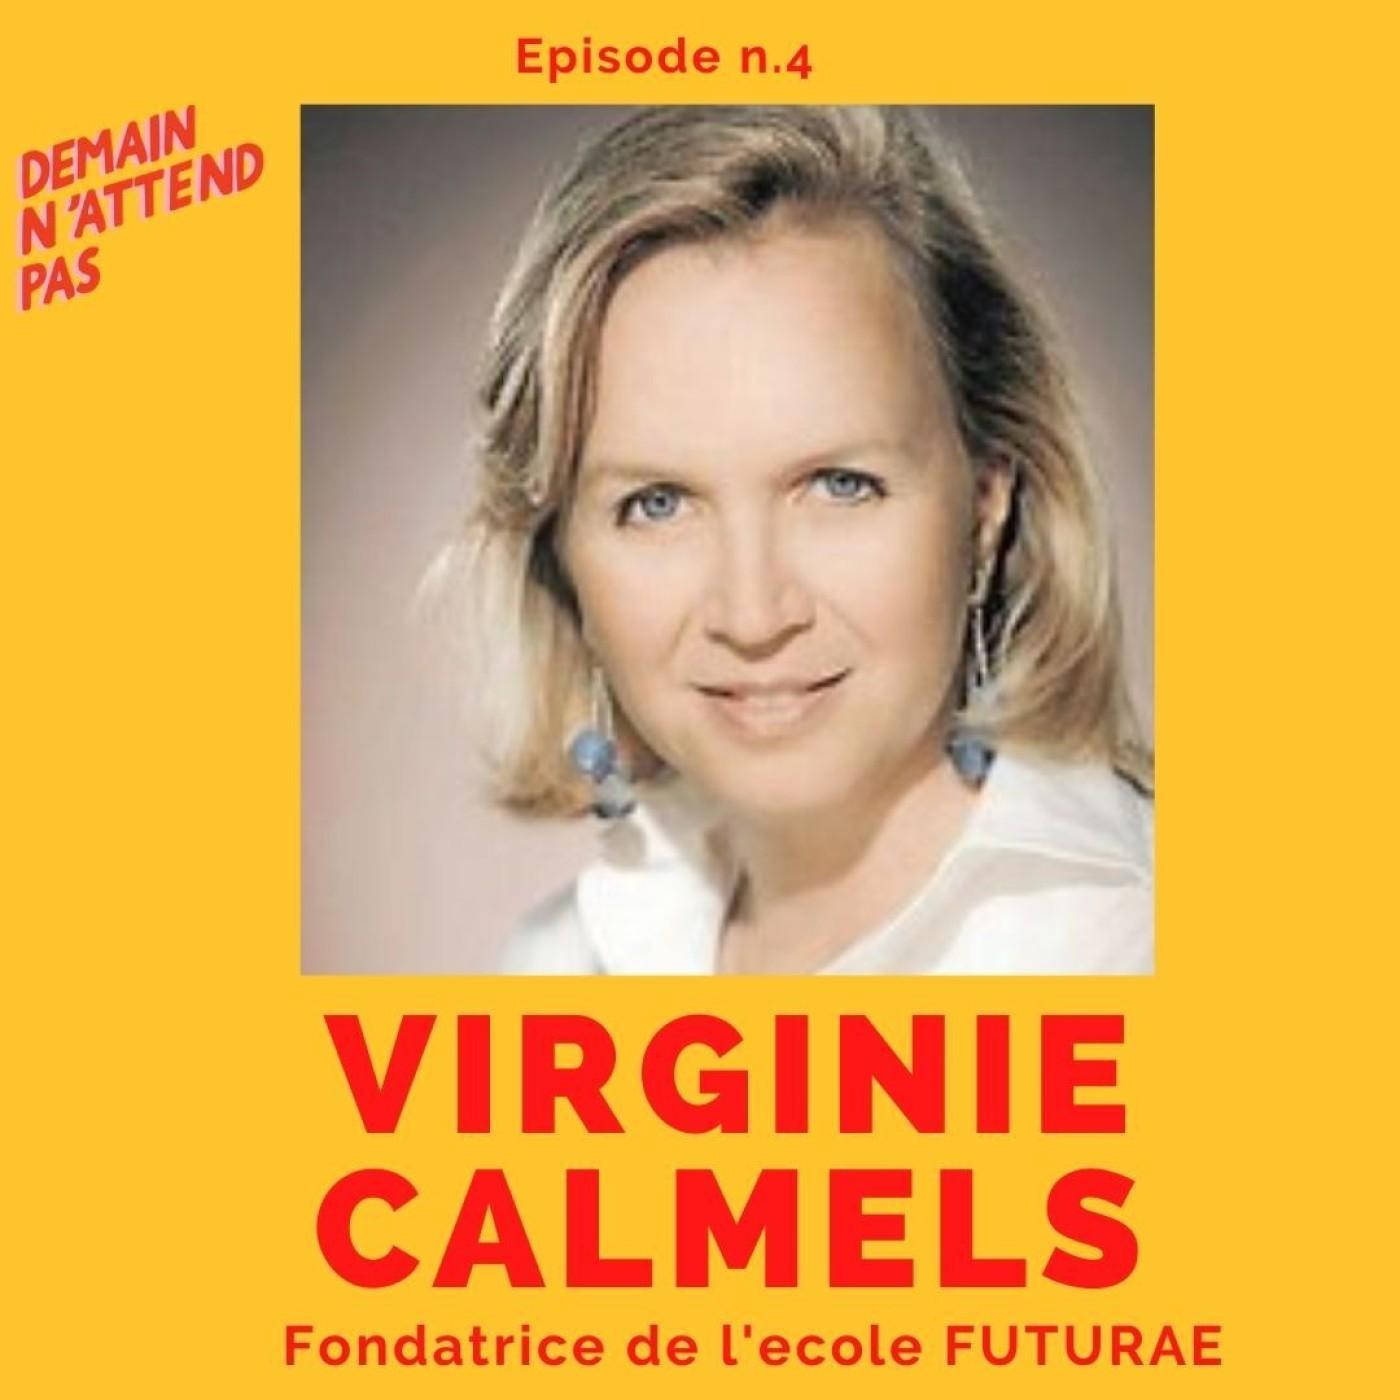 4- Virginie Calmels, fondatrice de Futurae, l'école qui repense le modèle éducatif